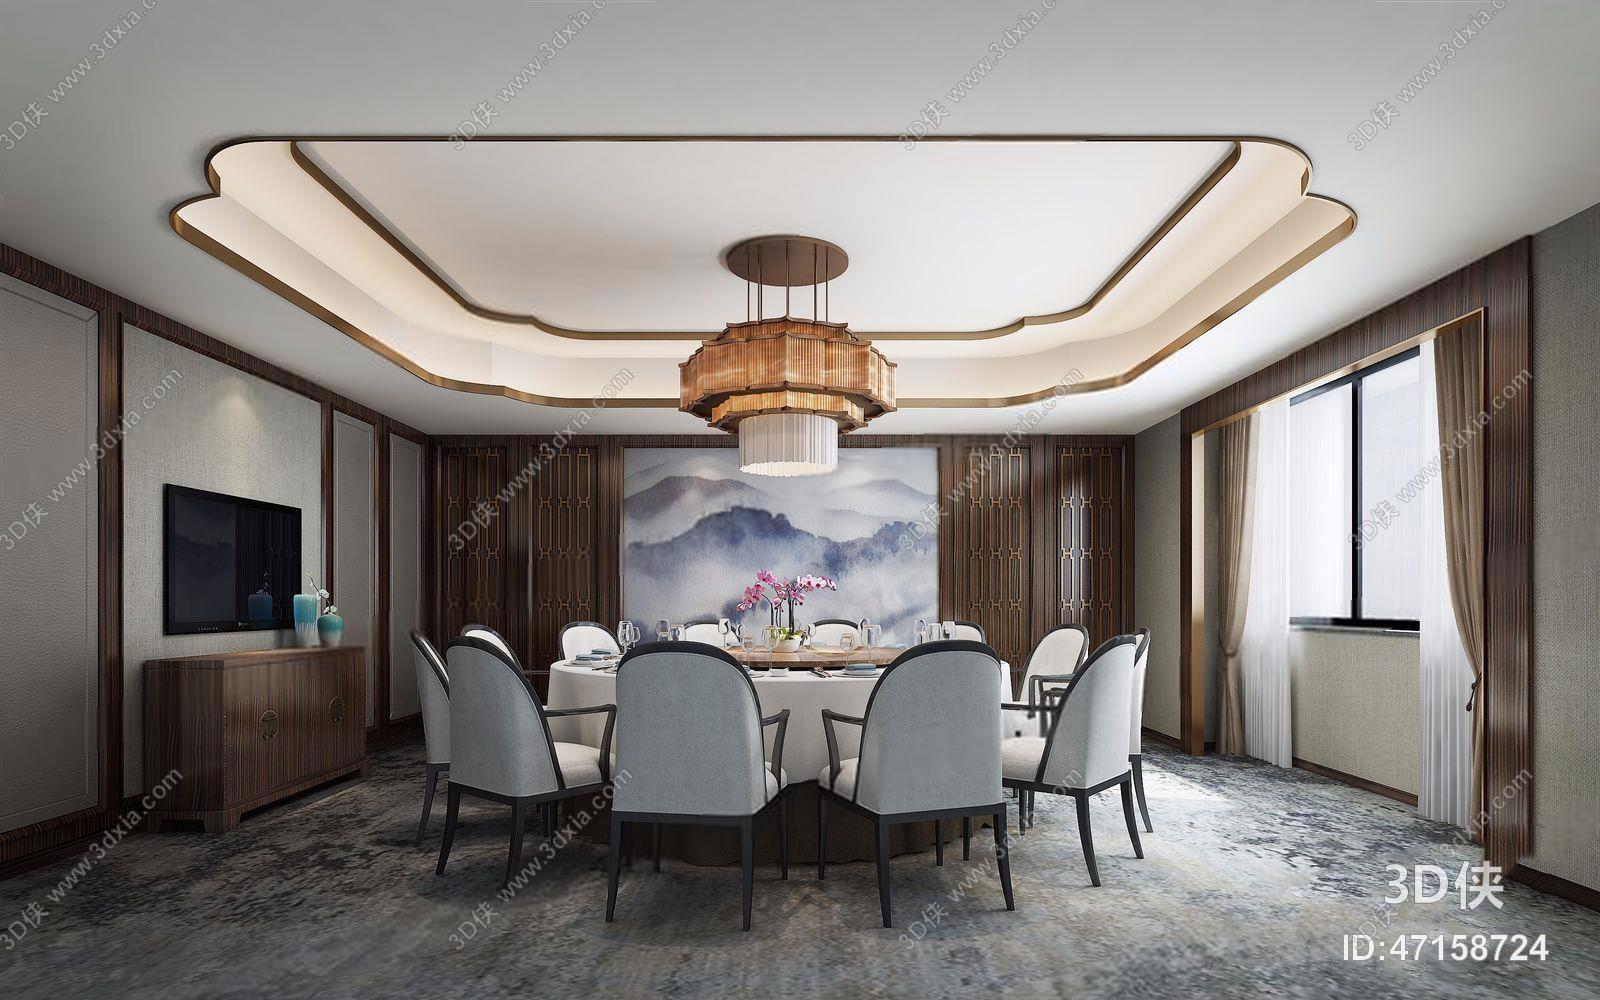 酒店大堂效果图素材免费下载,本作品主题是新中式包厢餐厅,编号是4715